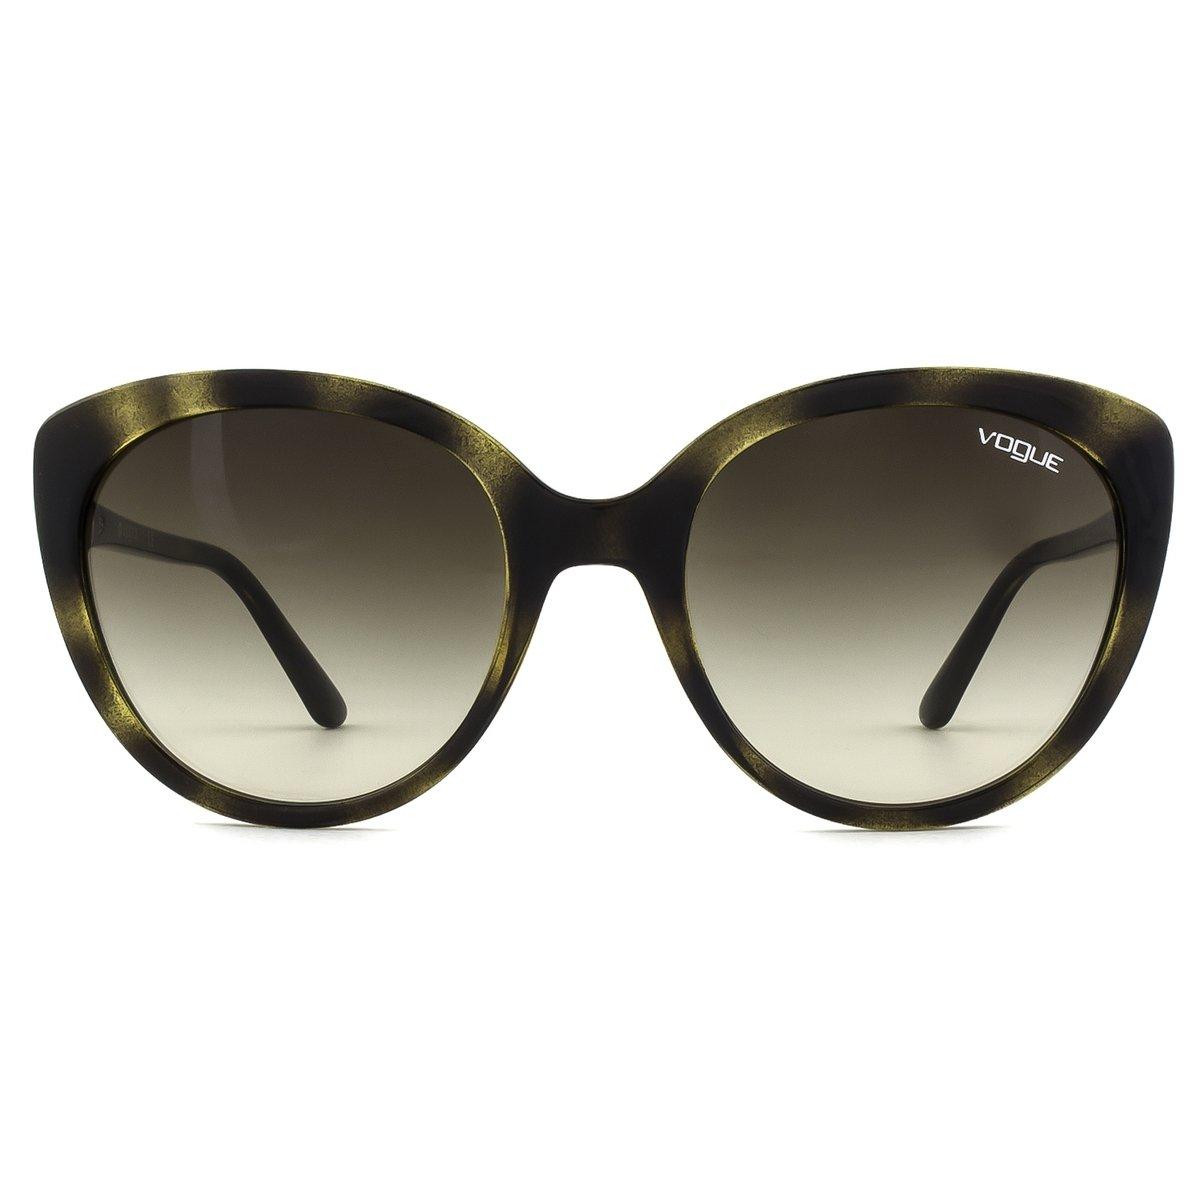 974ae2b02 Óculos Vogue VO5060S W65613-53 | Zattini